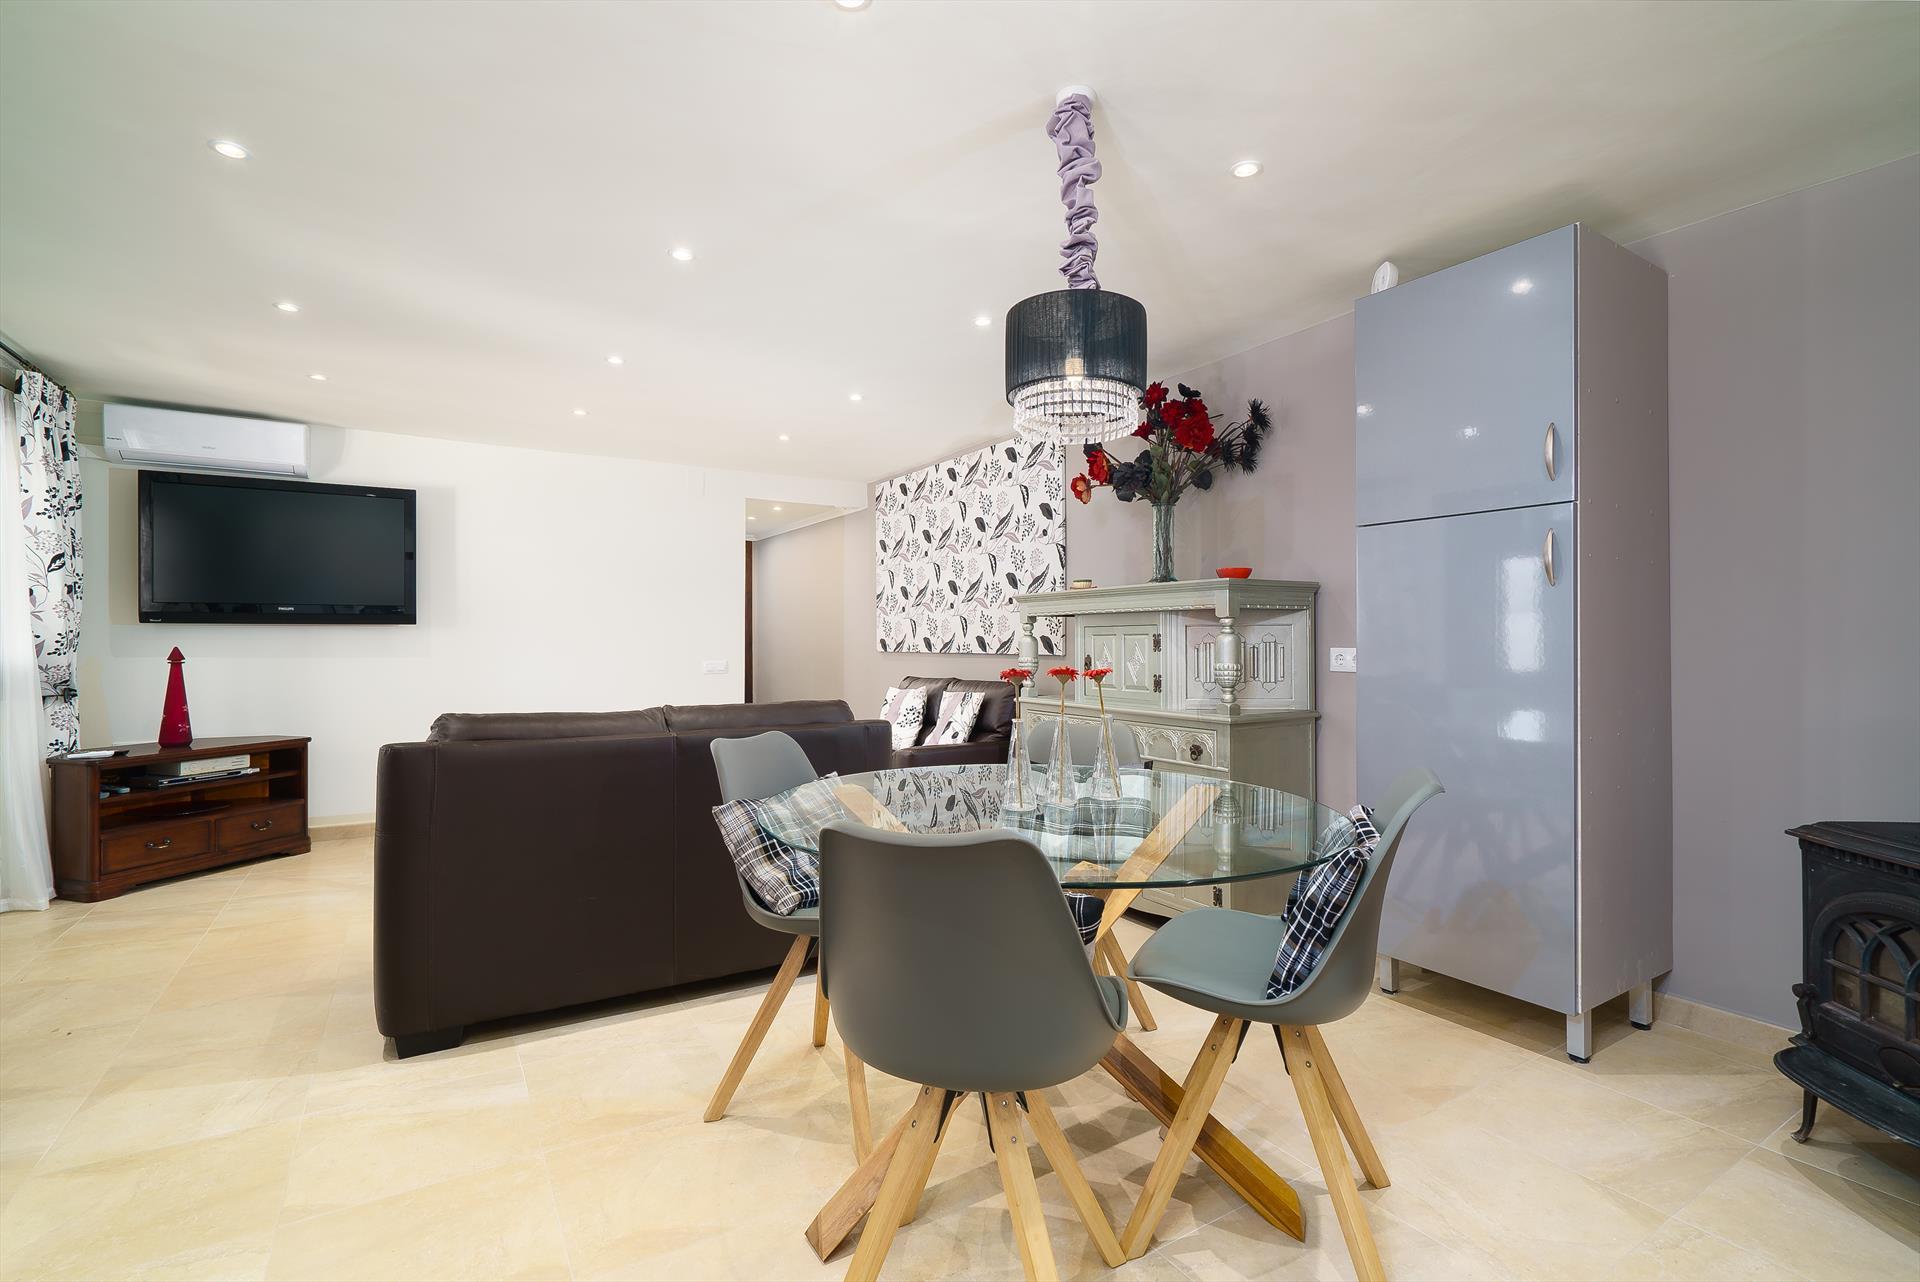 Salon d'une maison de luxe à louer - Aguila Rent a Villa